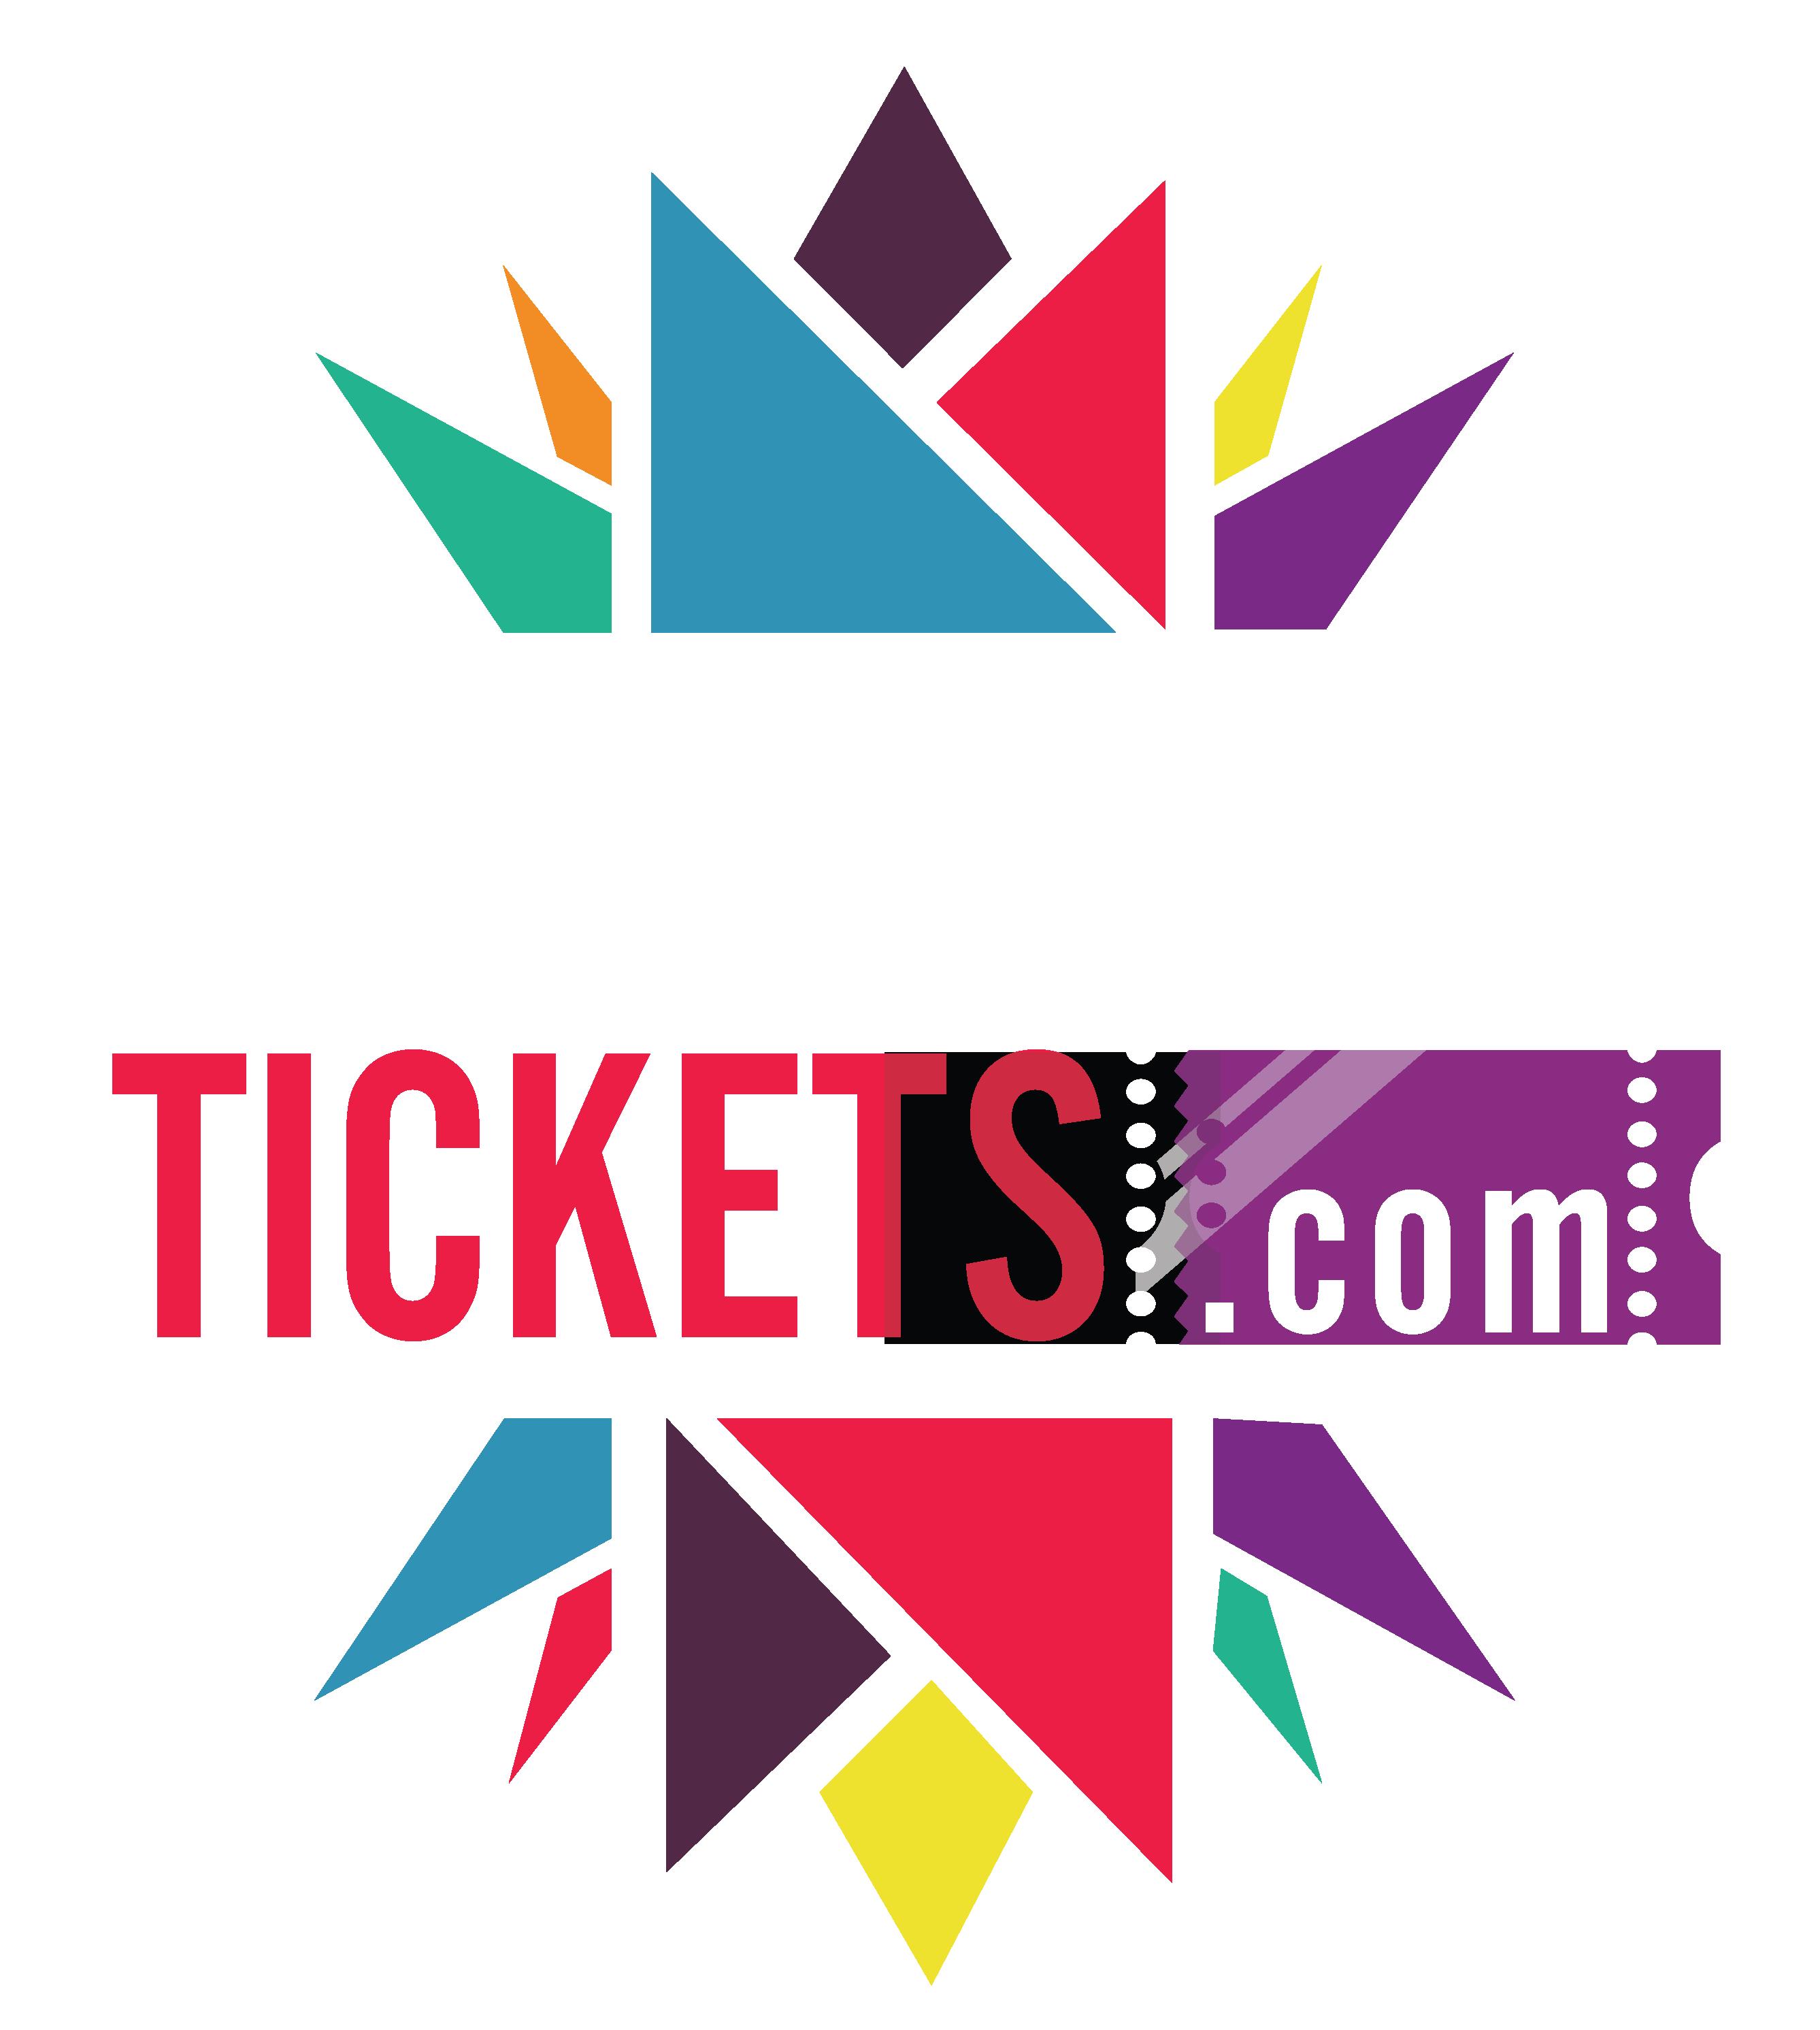 Eventos en Punta cana